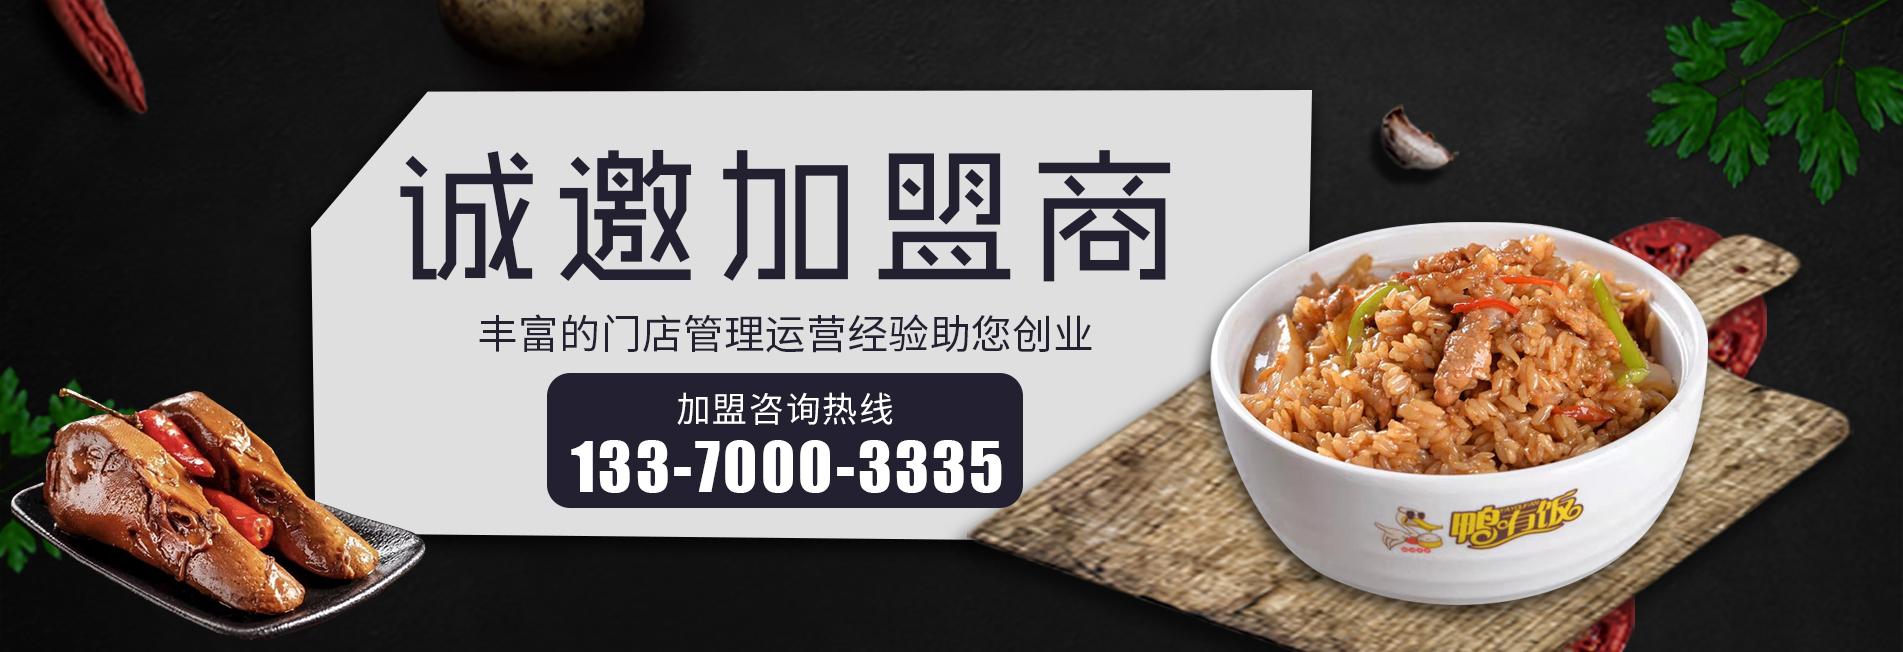 长春特色炒饭